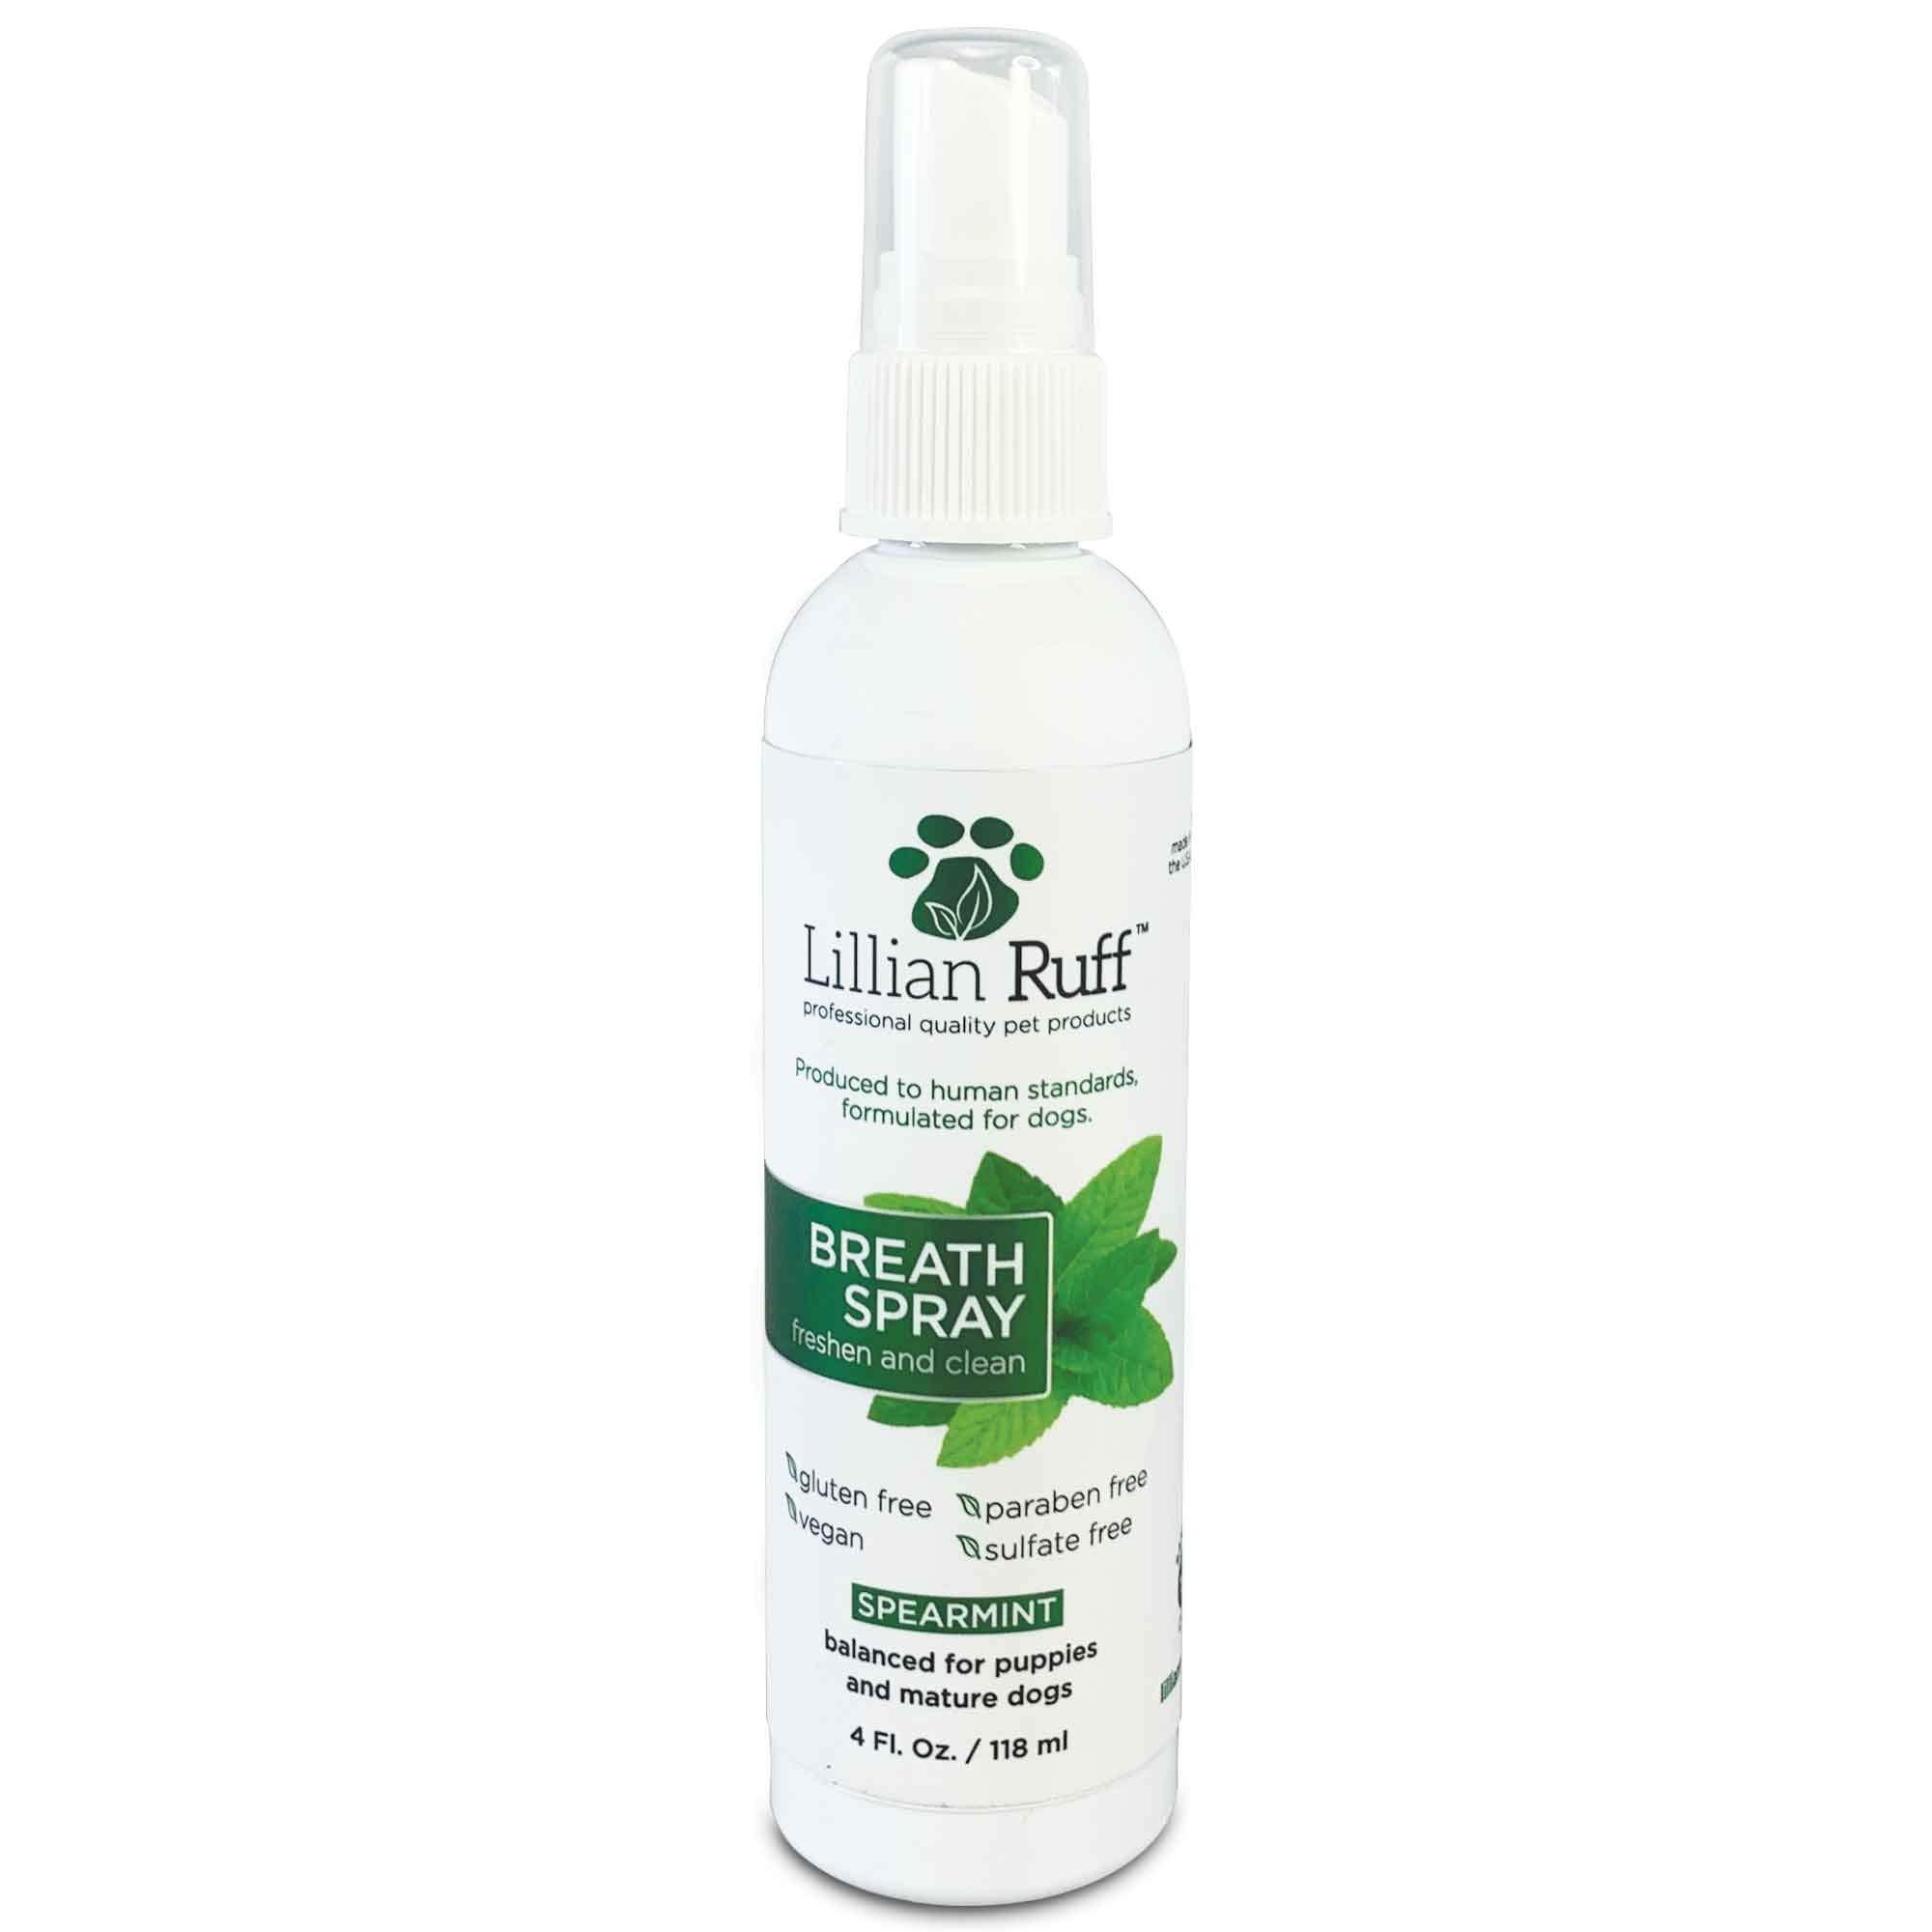 Lillian Ruff Dog Breath Freshener Spray - Spearmint Flavor- Fight Bad Breath, Dental Plaque and Tartar - Boost Immune System (4oz) by Lillian Ruff